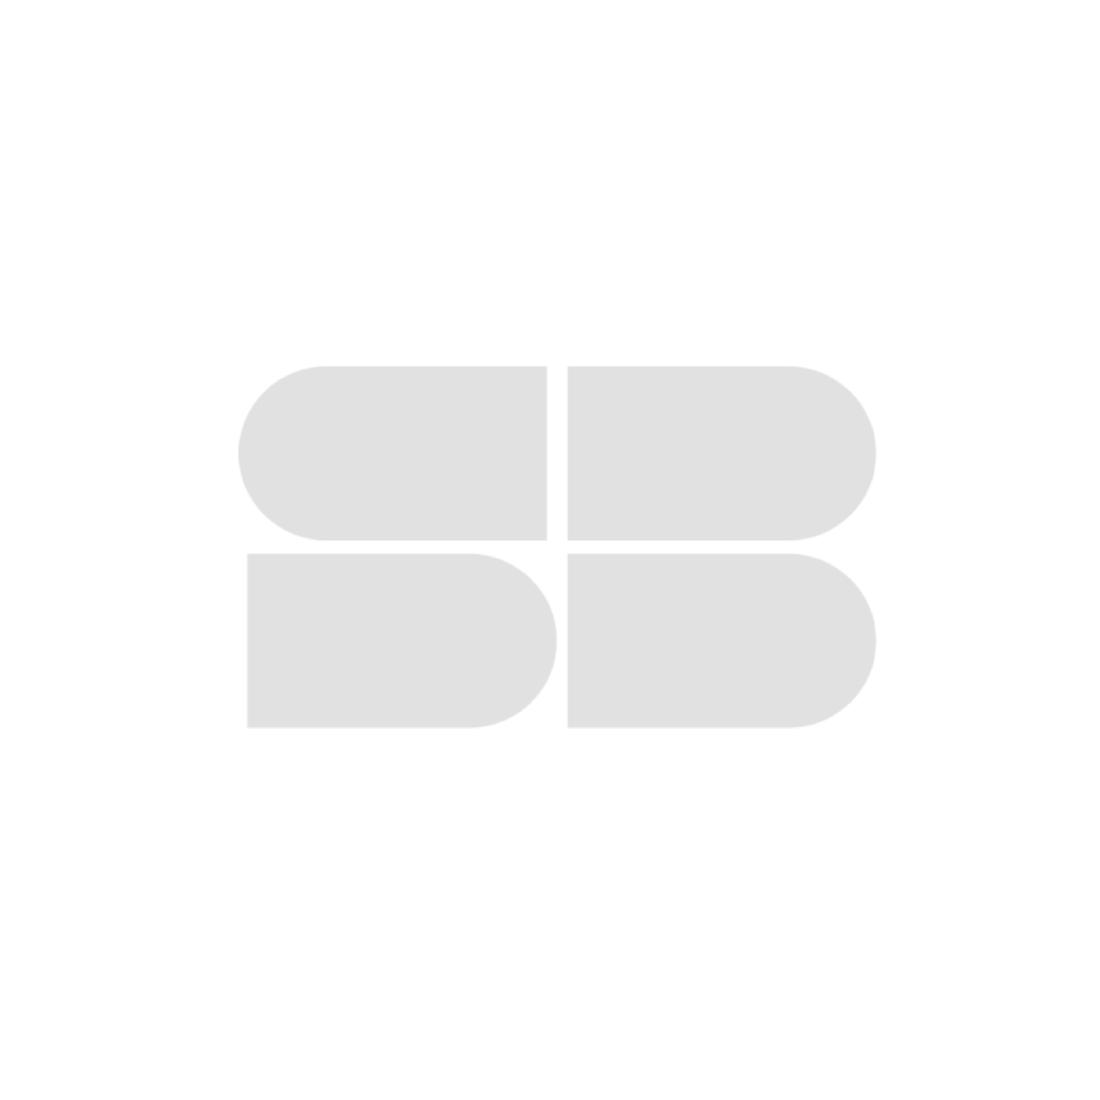 39013132-mattress-bedding-mattresses-pocket-spring-mattress-32